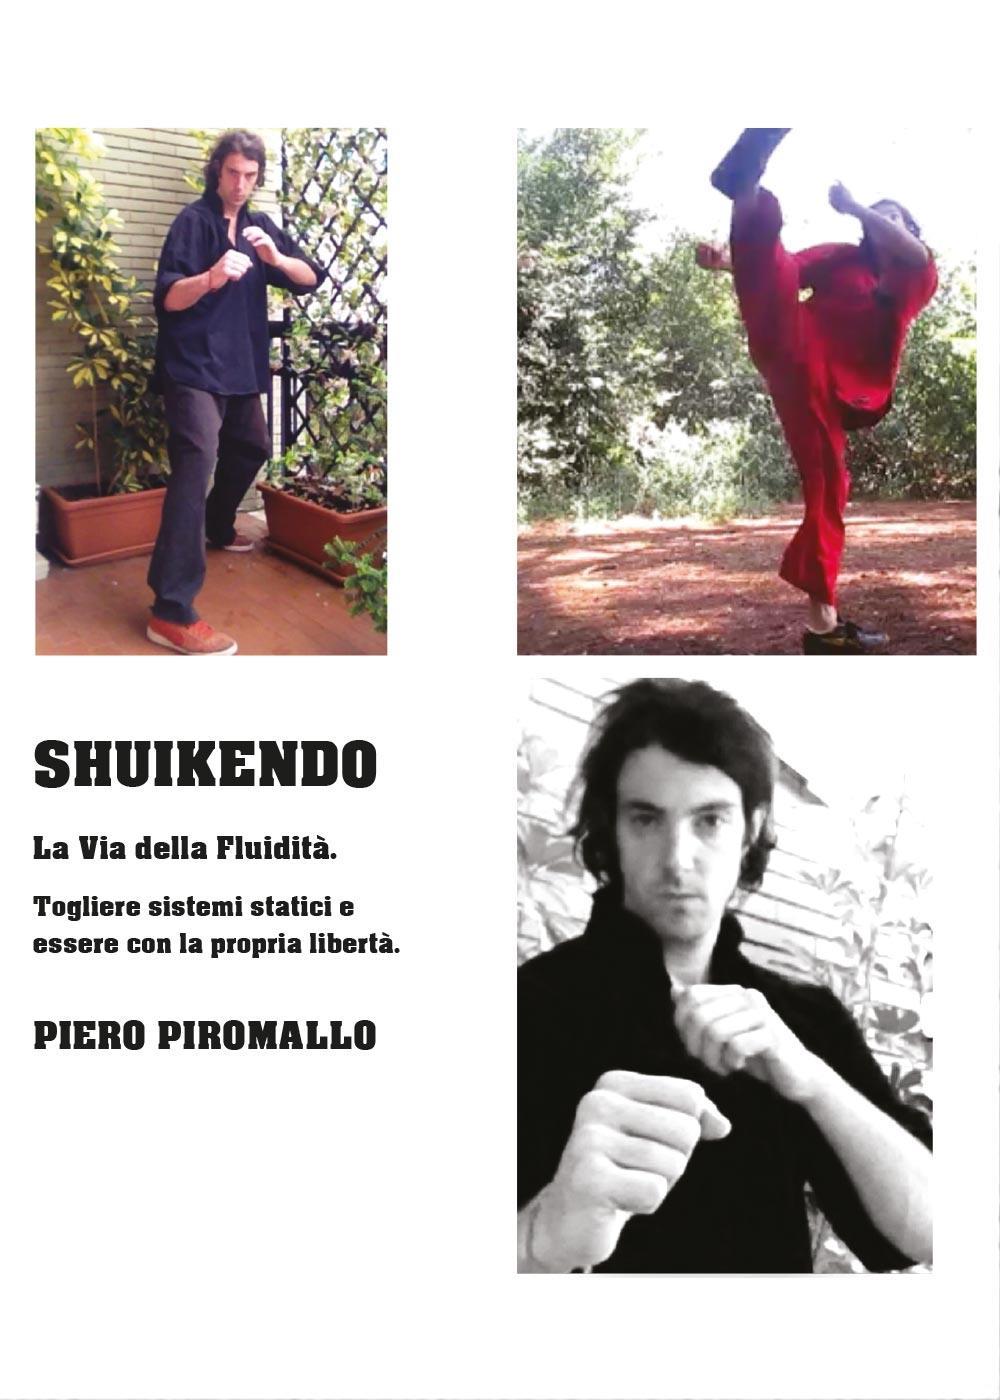 Shukendo metodo di combattimento della fluidità